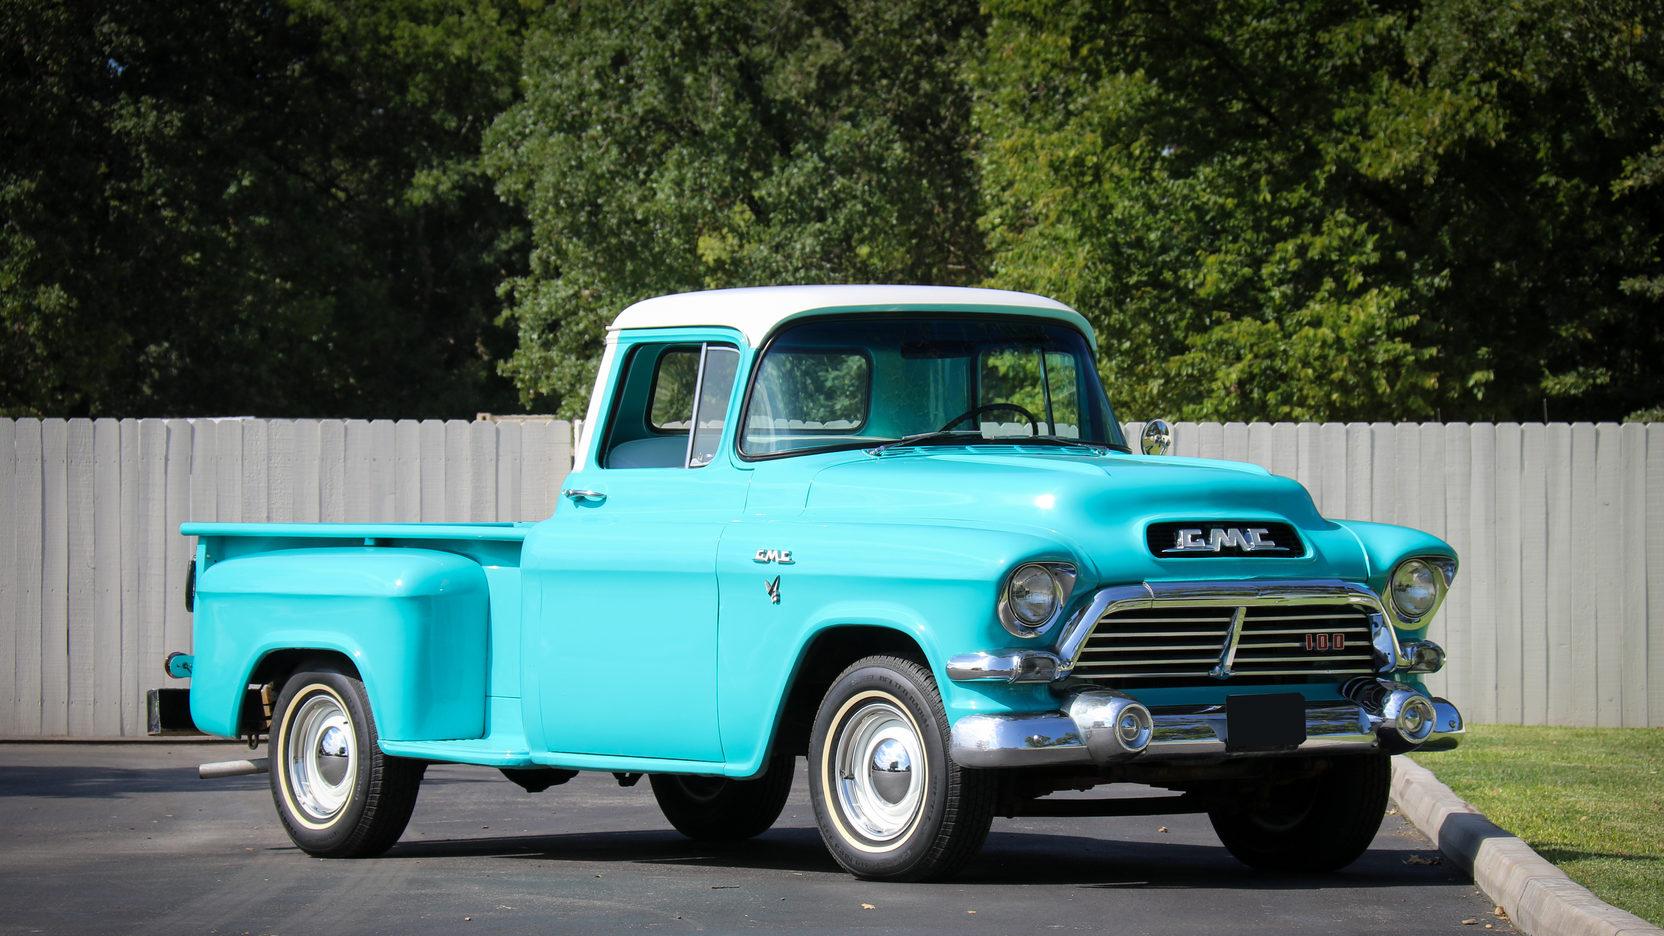 1957 GMC Series 100